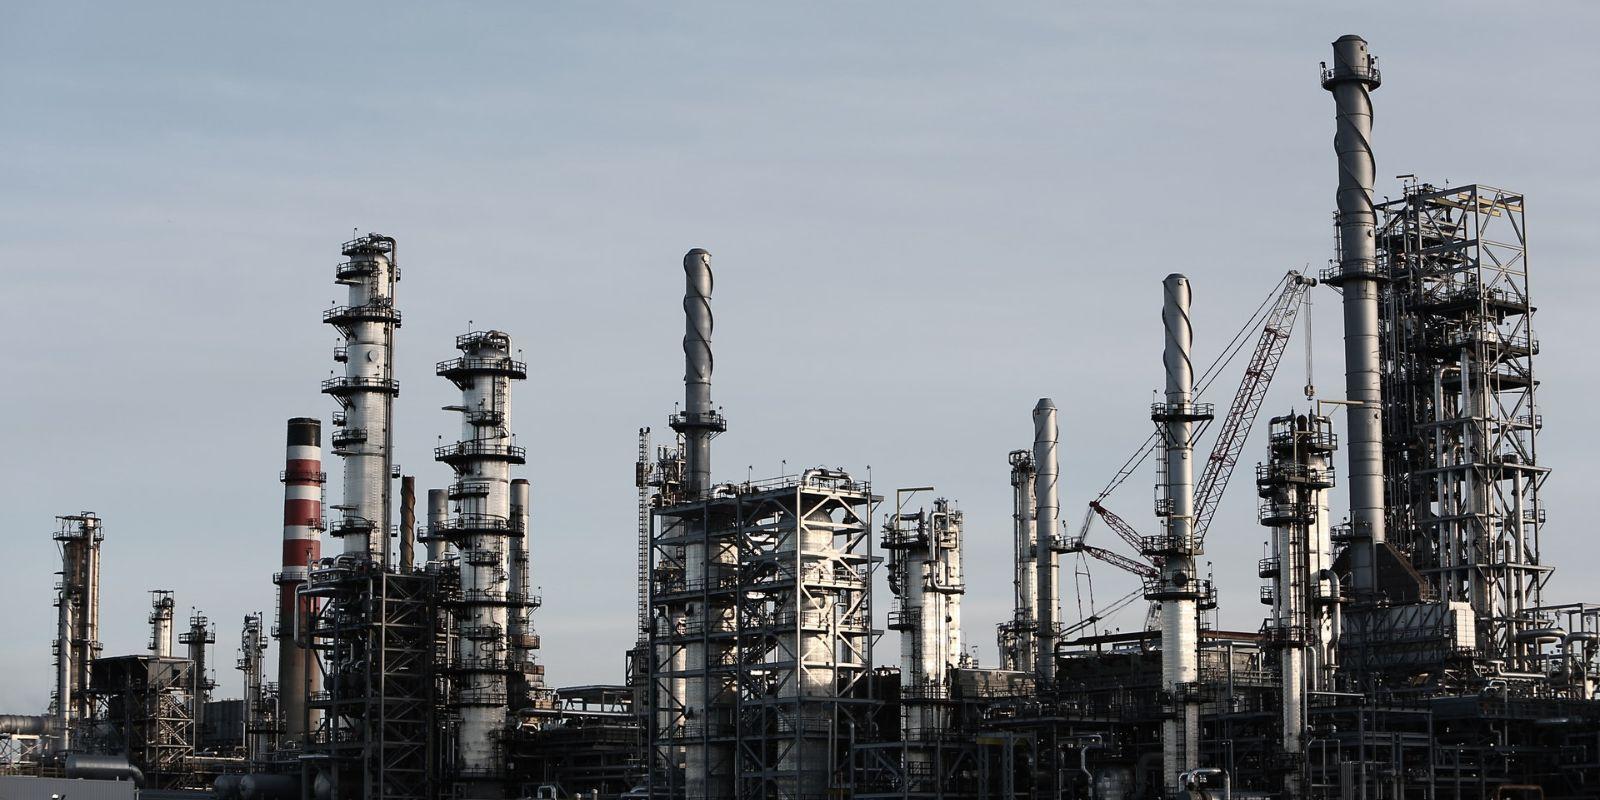 környezetszennyező elmaradott energiagazdálkodás, globális probléma